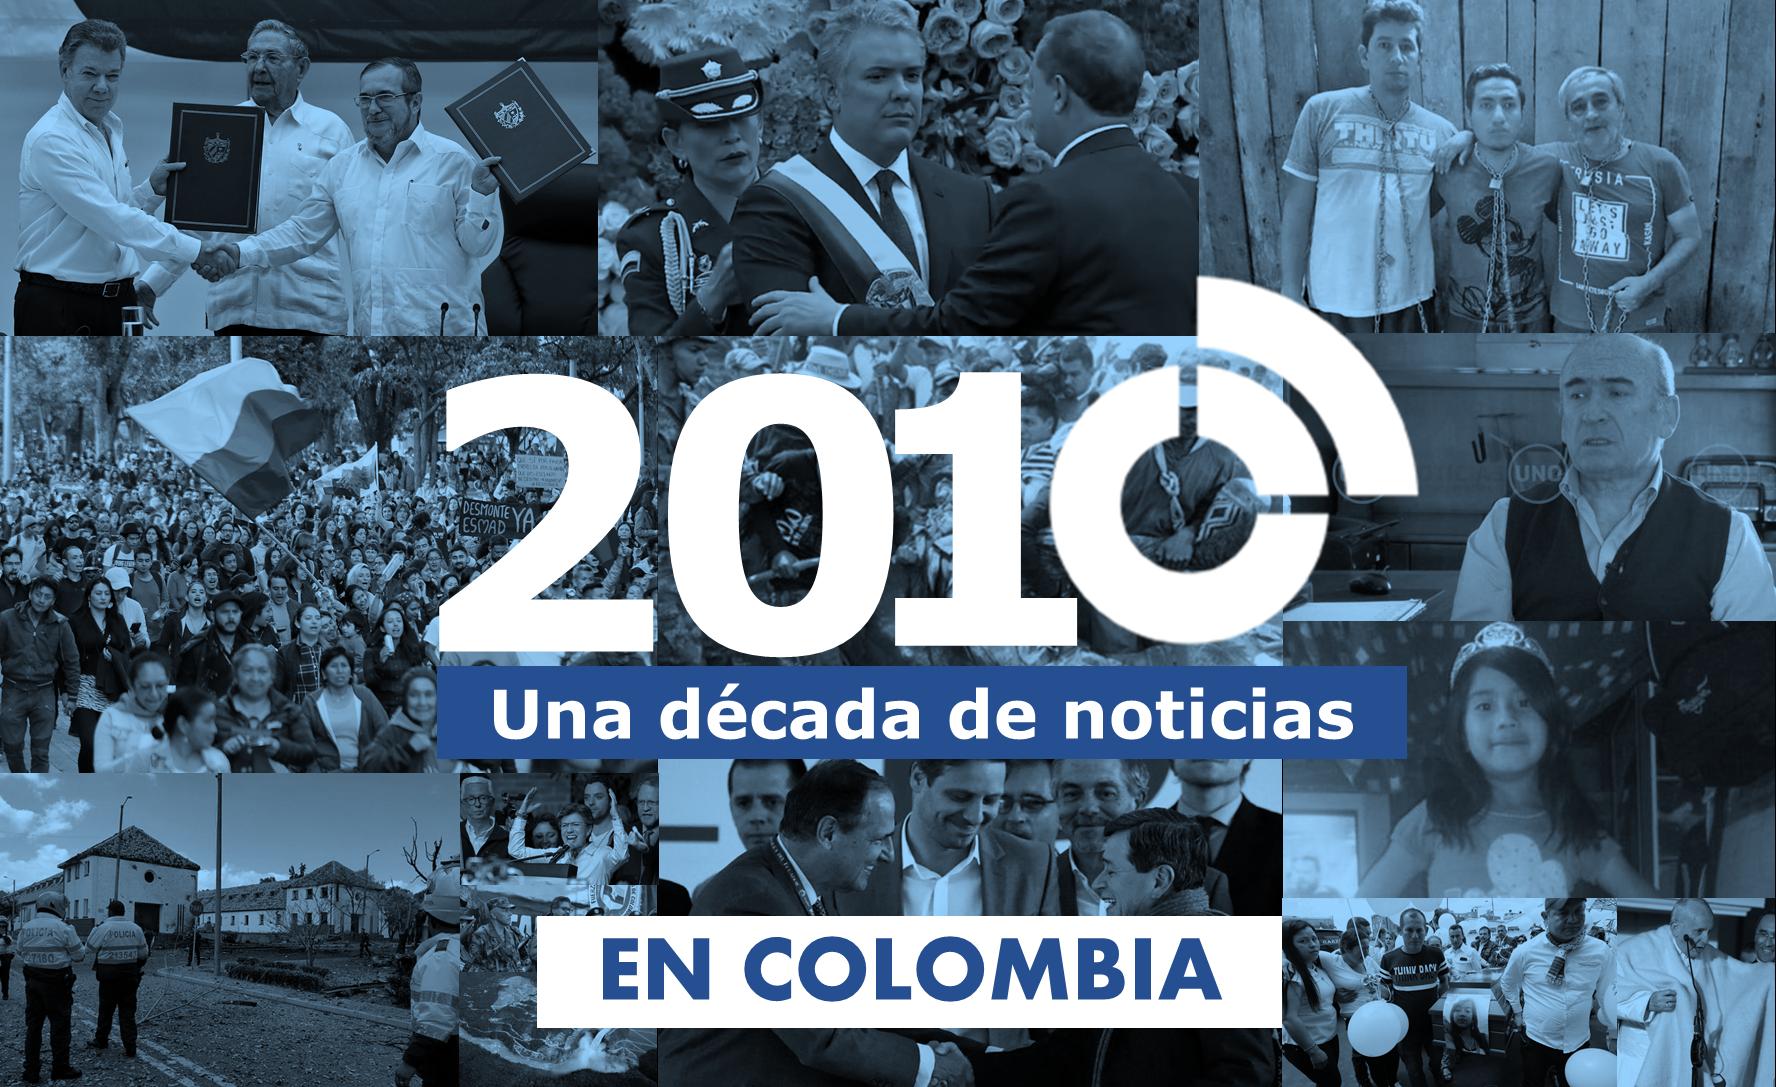 Las 10 noticias más importantes de la década en Colombia